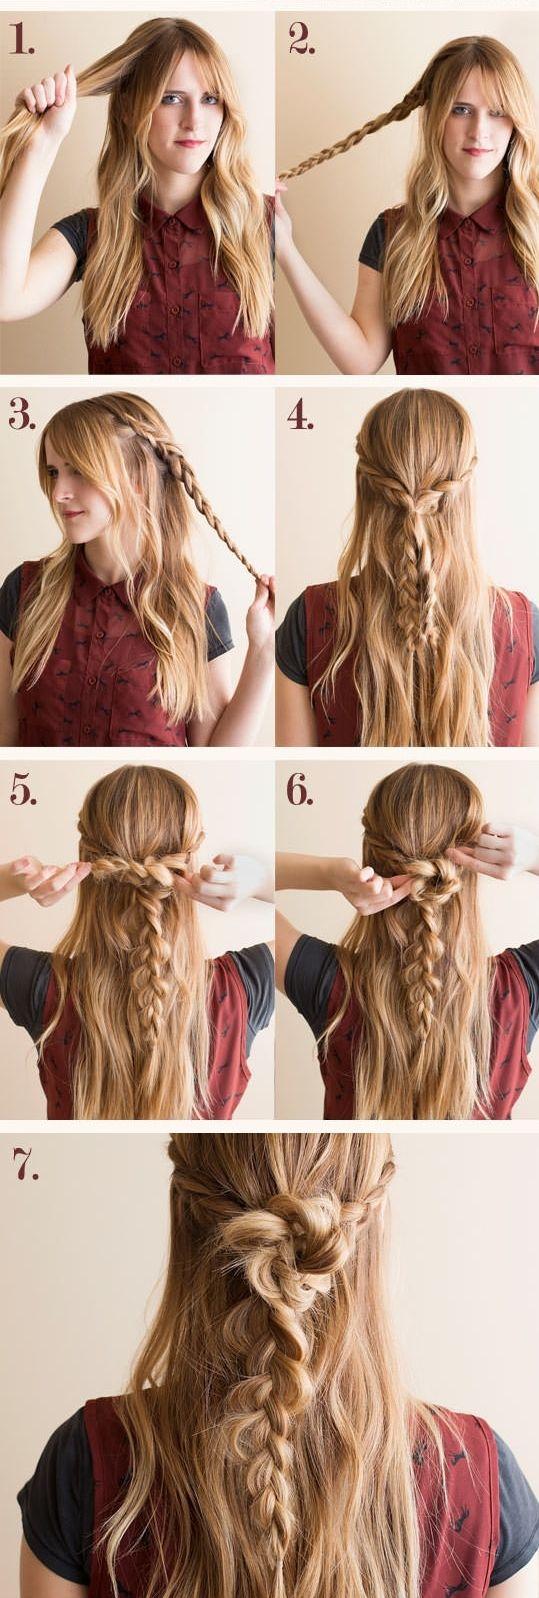 braid tutorial, hair diy, hair styles, hairstyles, beauty, hair makeup